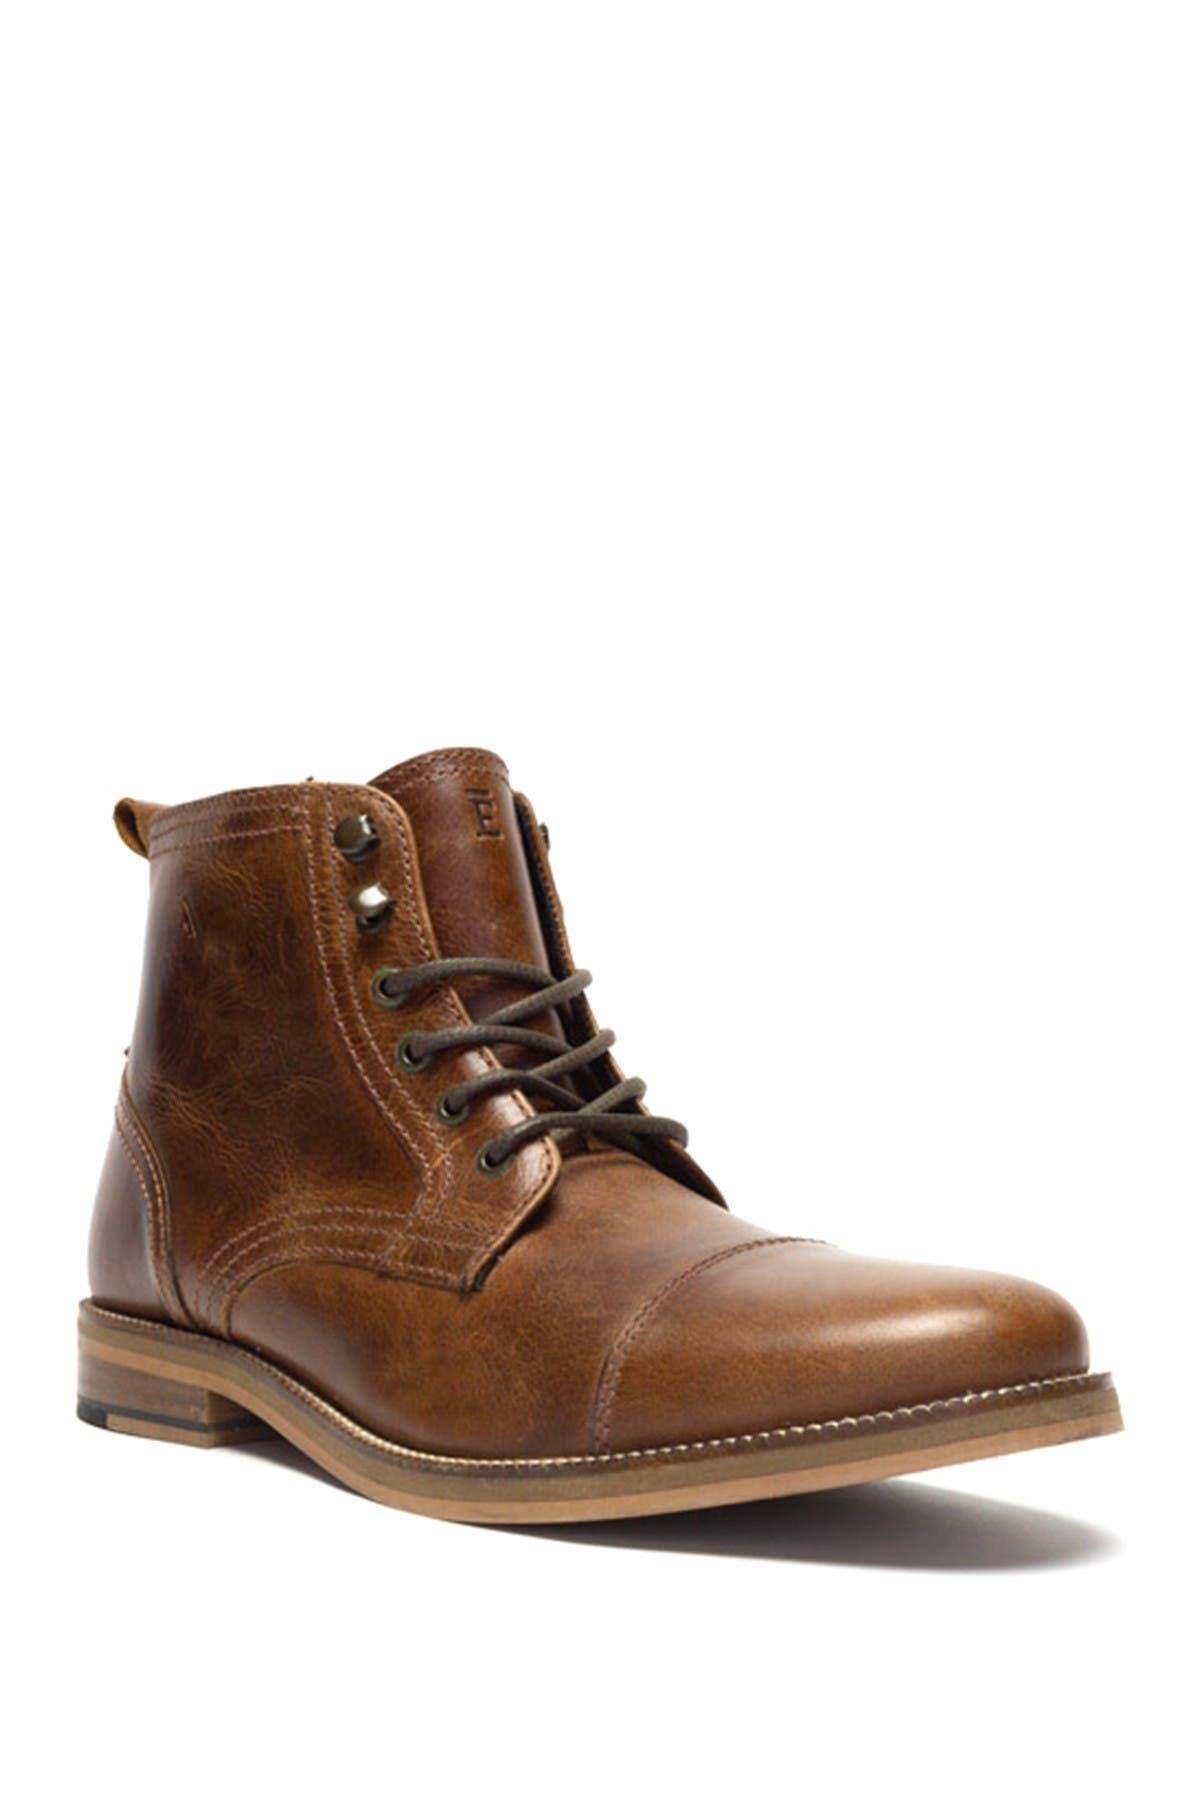 Crevo | Bookham Lace-Up Boot